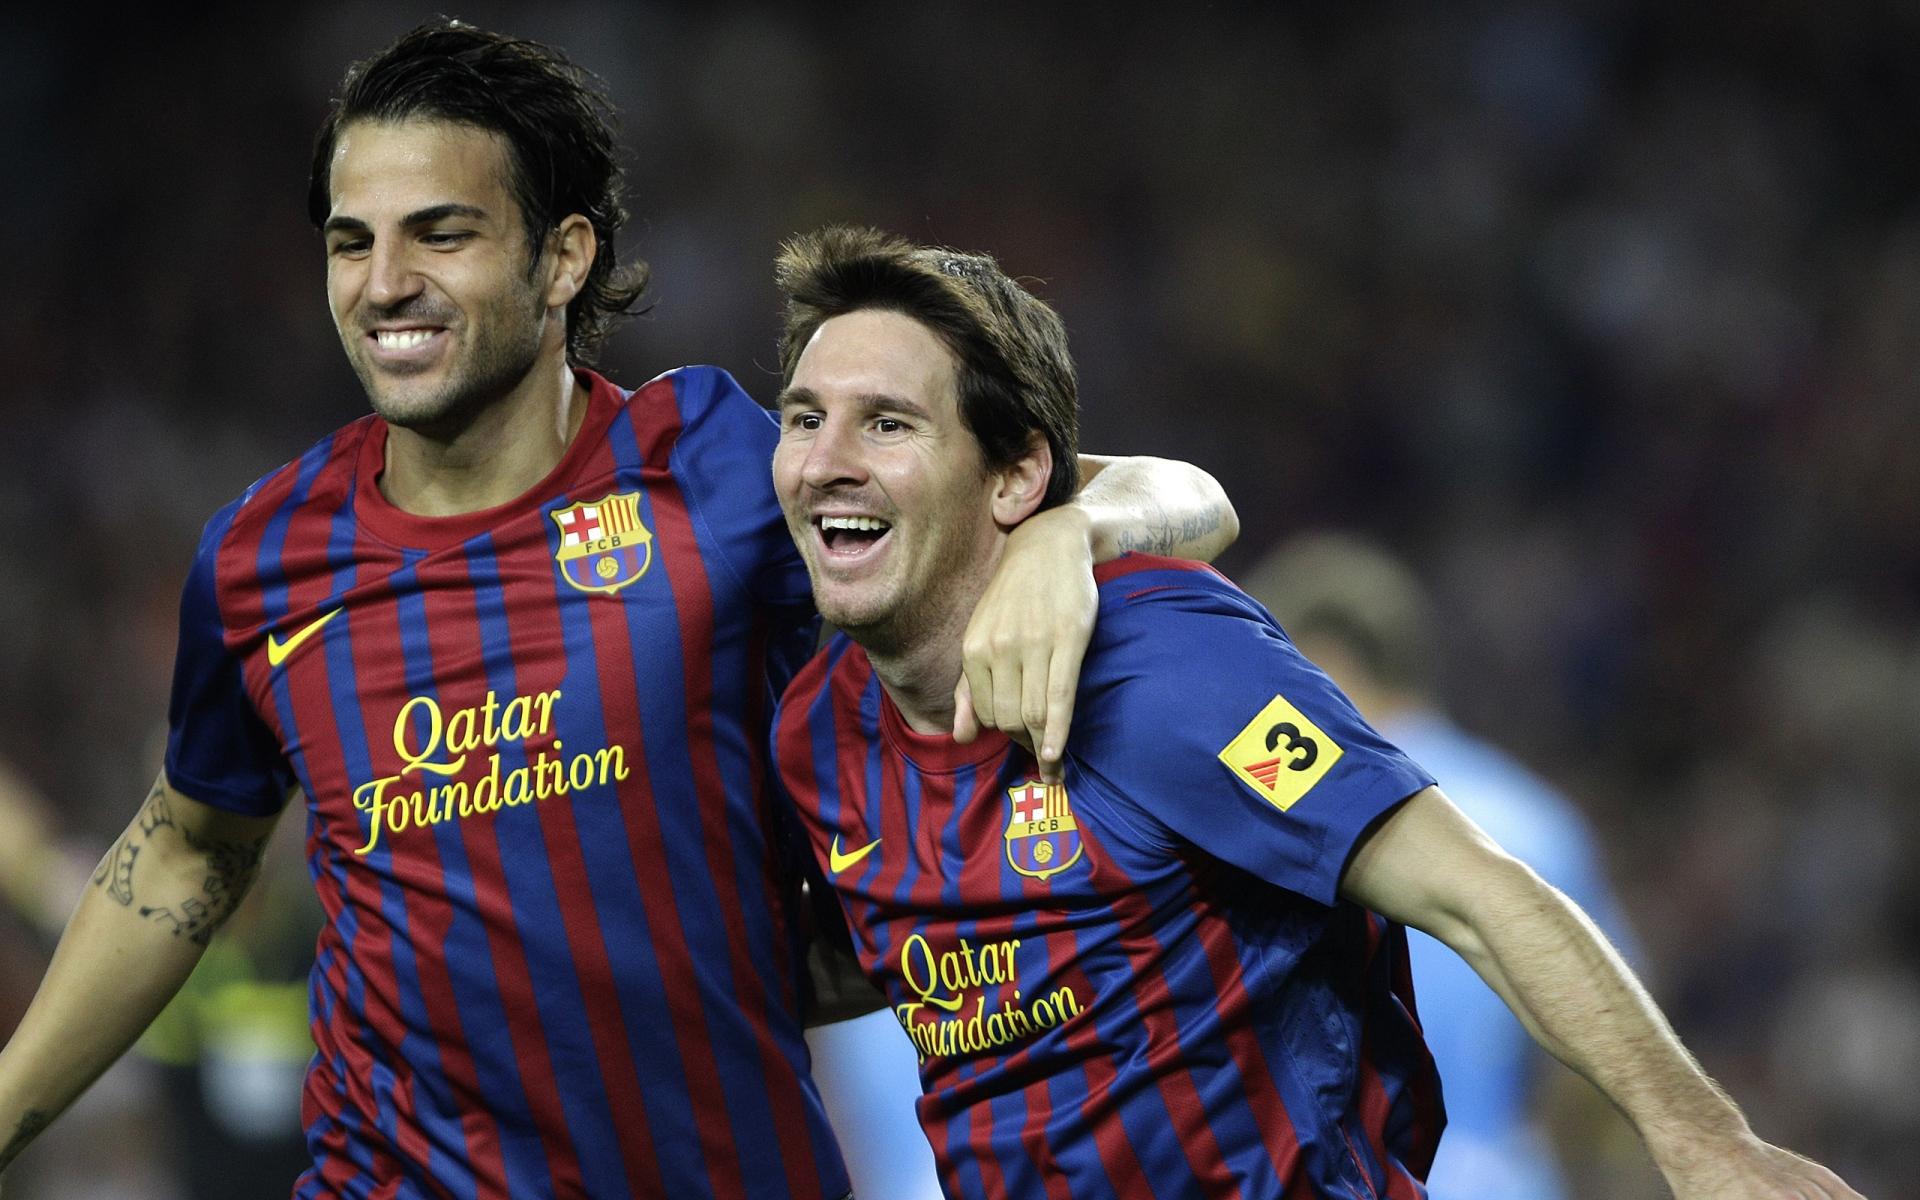 Cesc Fabregas y Lionel Messi - 1920x1200